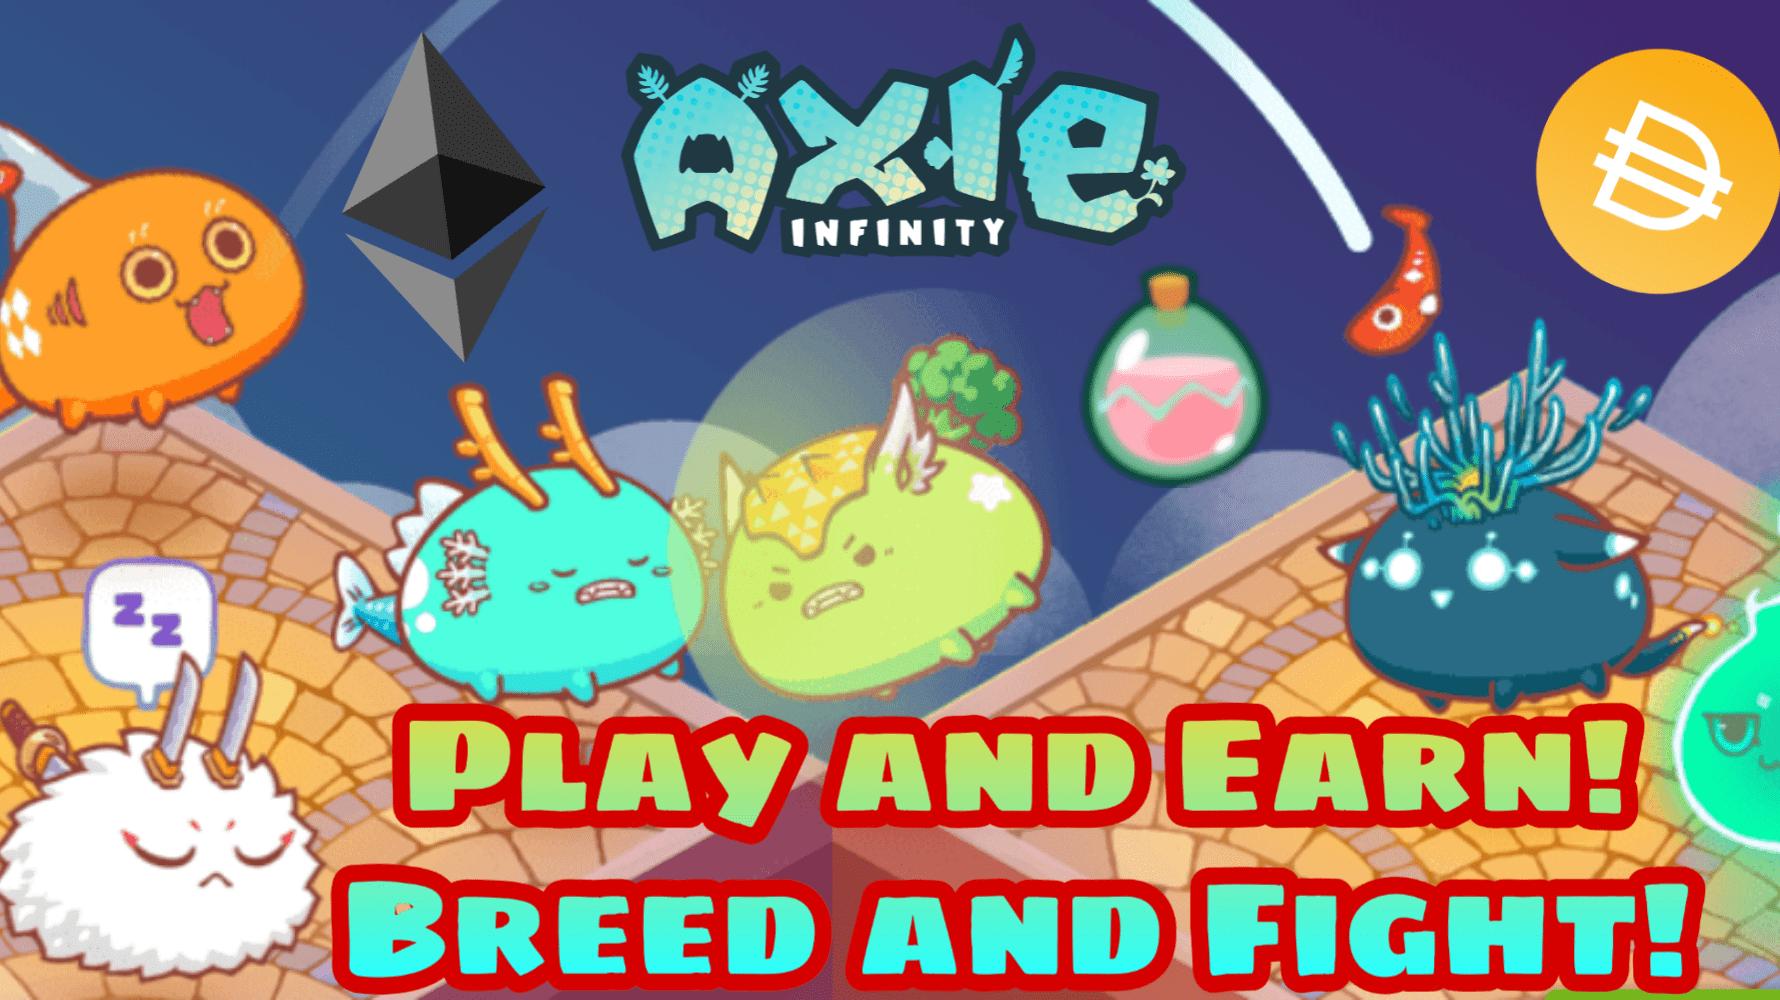 新手科普| AXIE 爆火下,頻頻被提到的 GameFi 是什麼?與 DeFi 又有什麼關係?